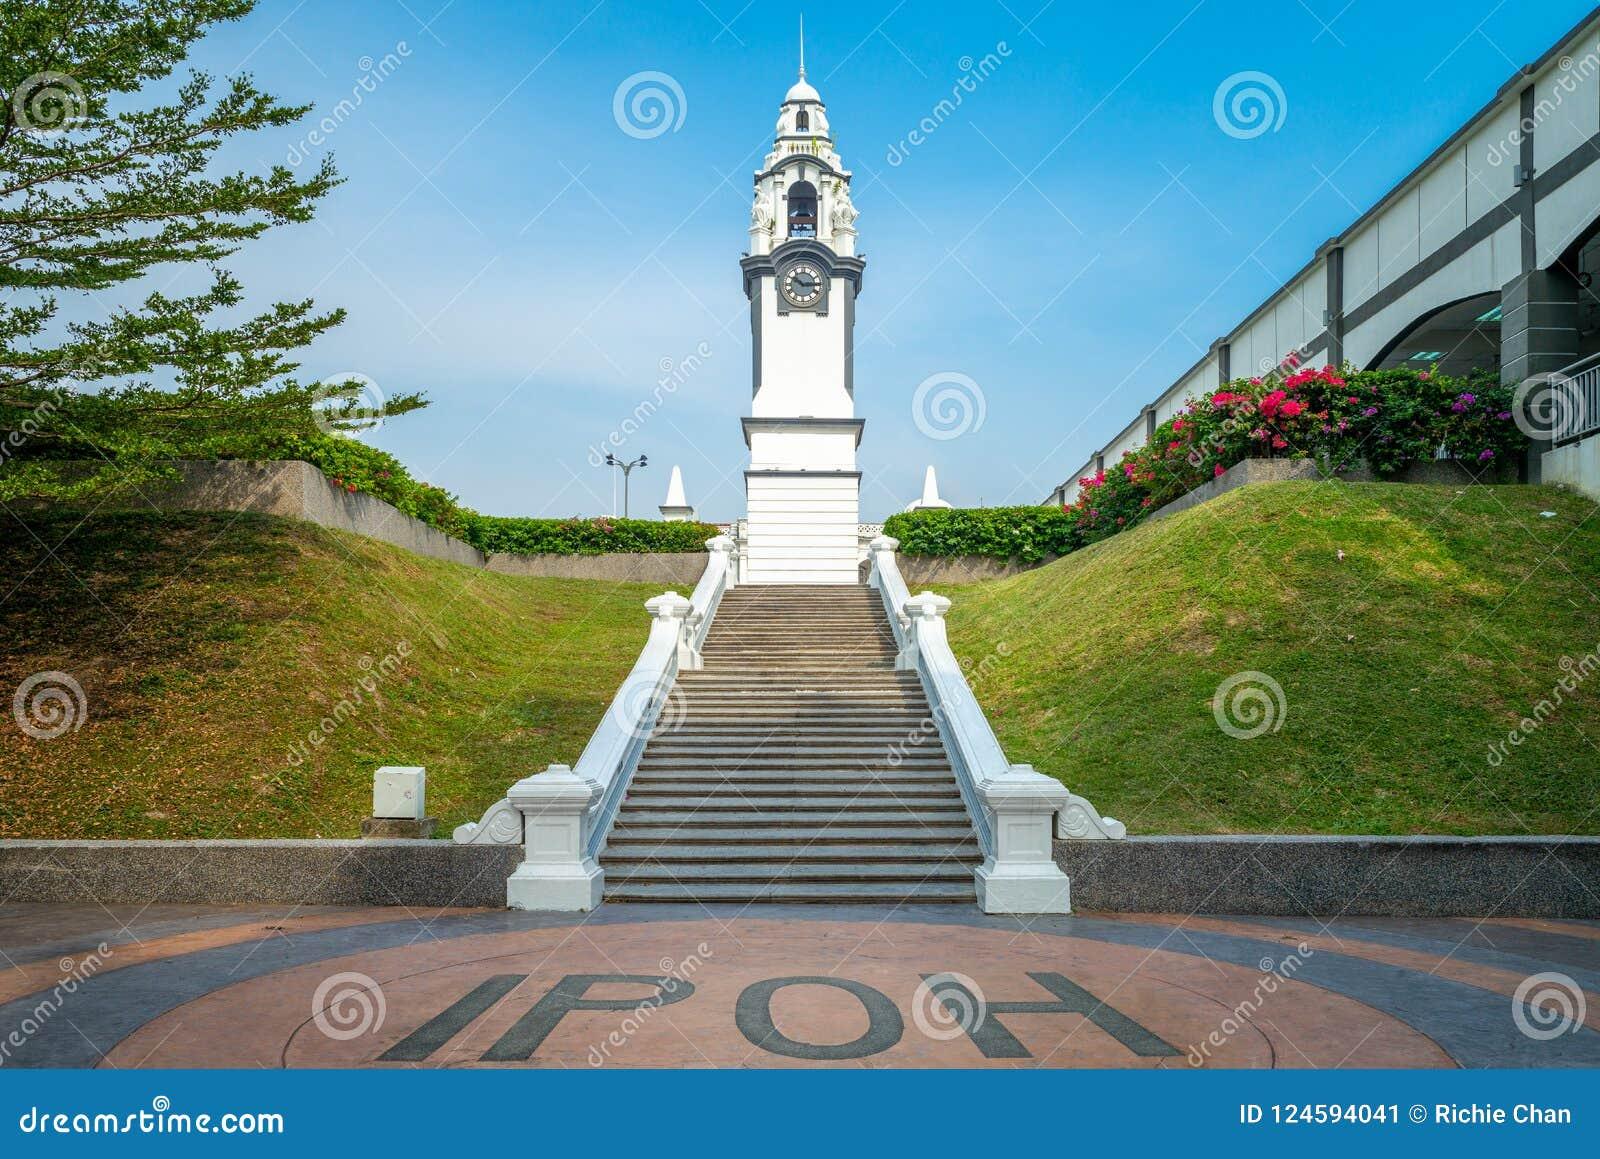 Torre di orologio commemorativa della betulla in Ipoh, Malesia